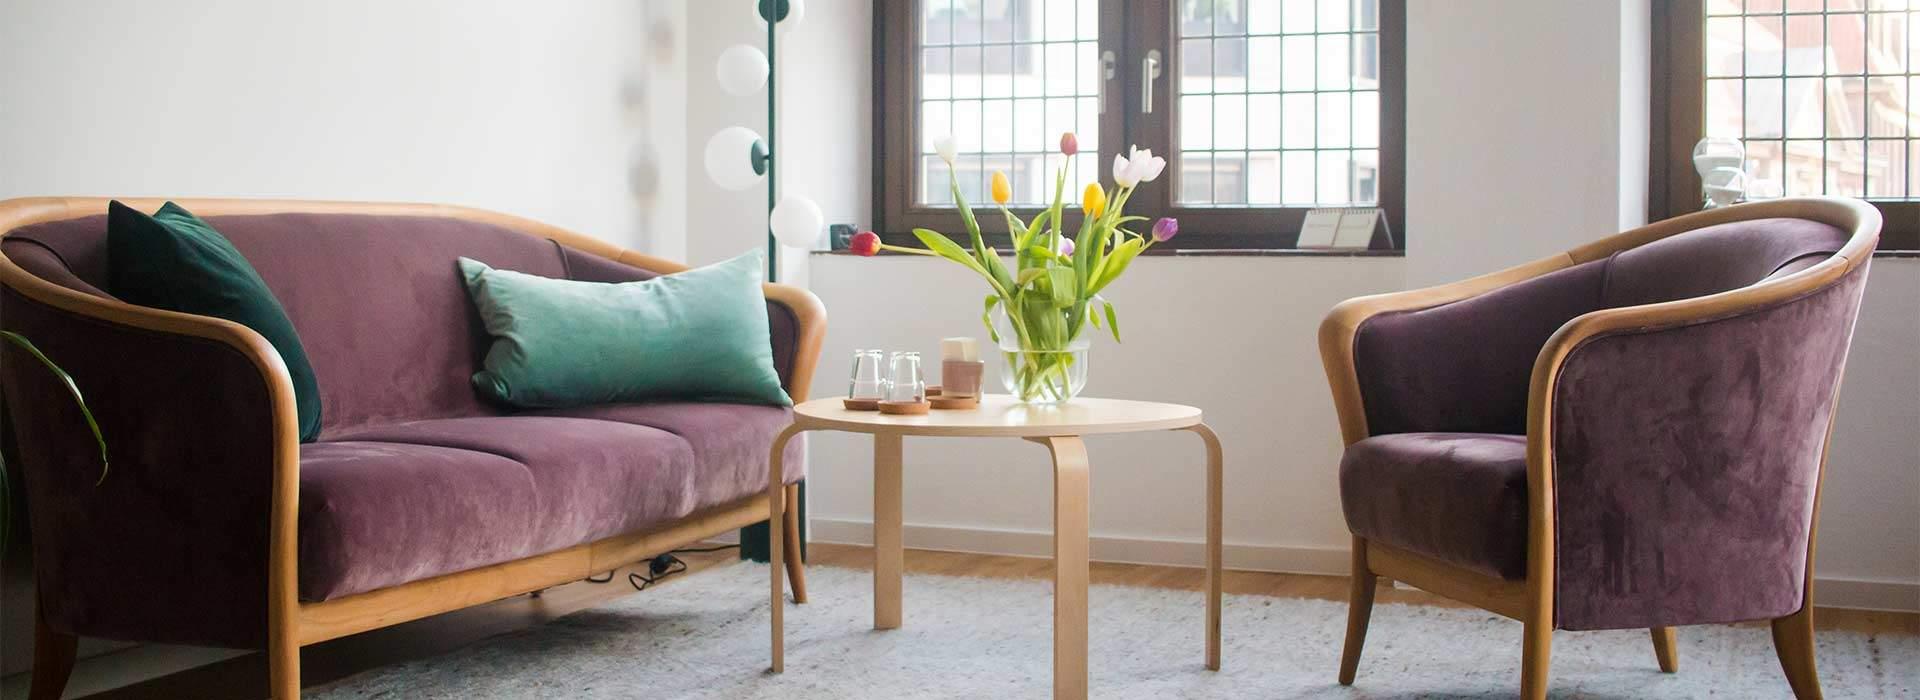 Praxis für Sexualtherapie Münster, Foto